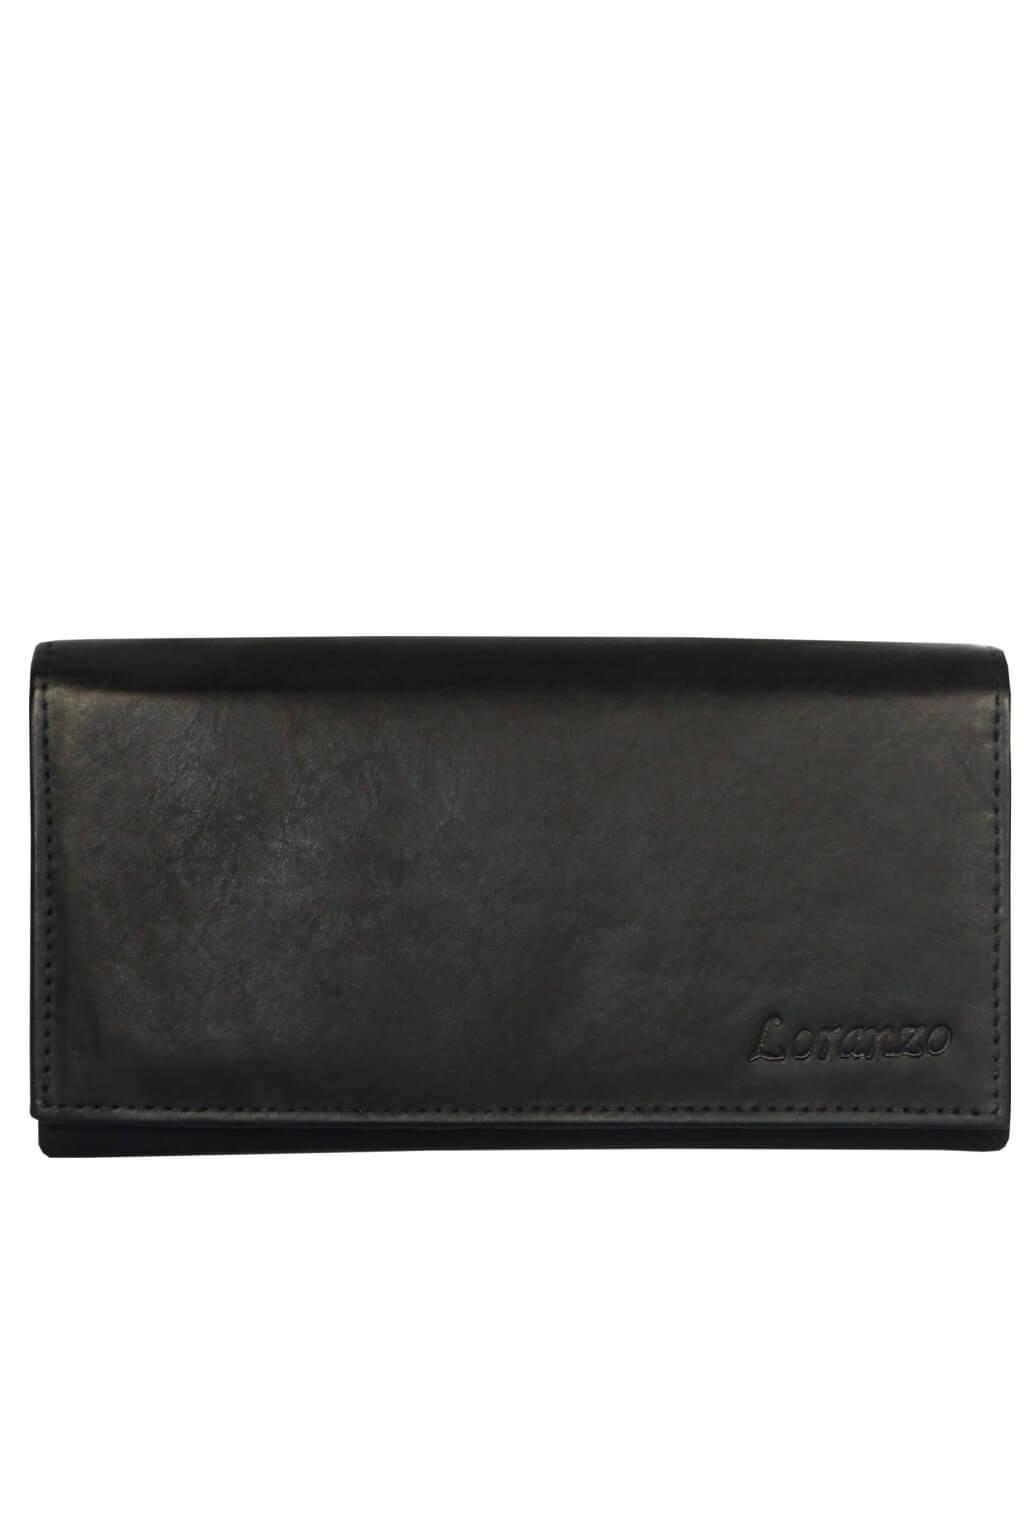 ba2ad3b0808d Lancome Black dámská peněženka černá